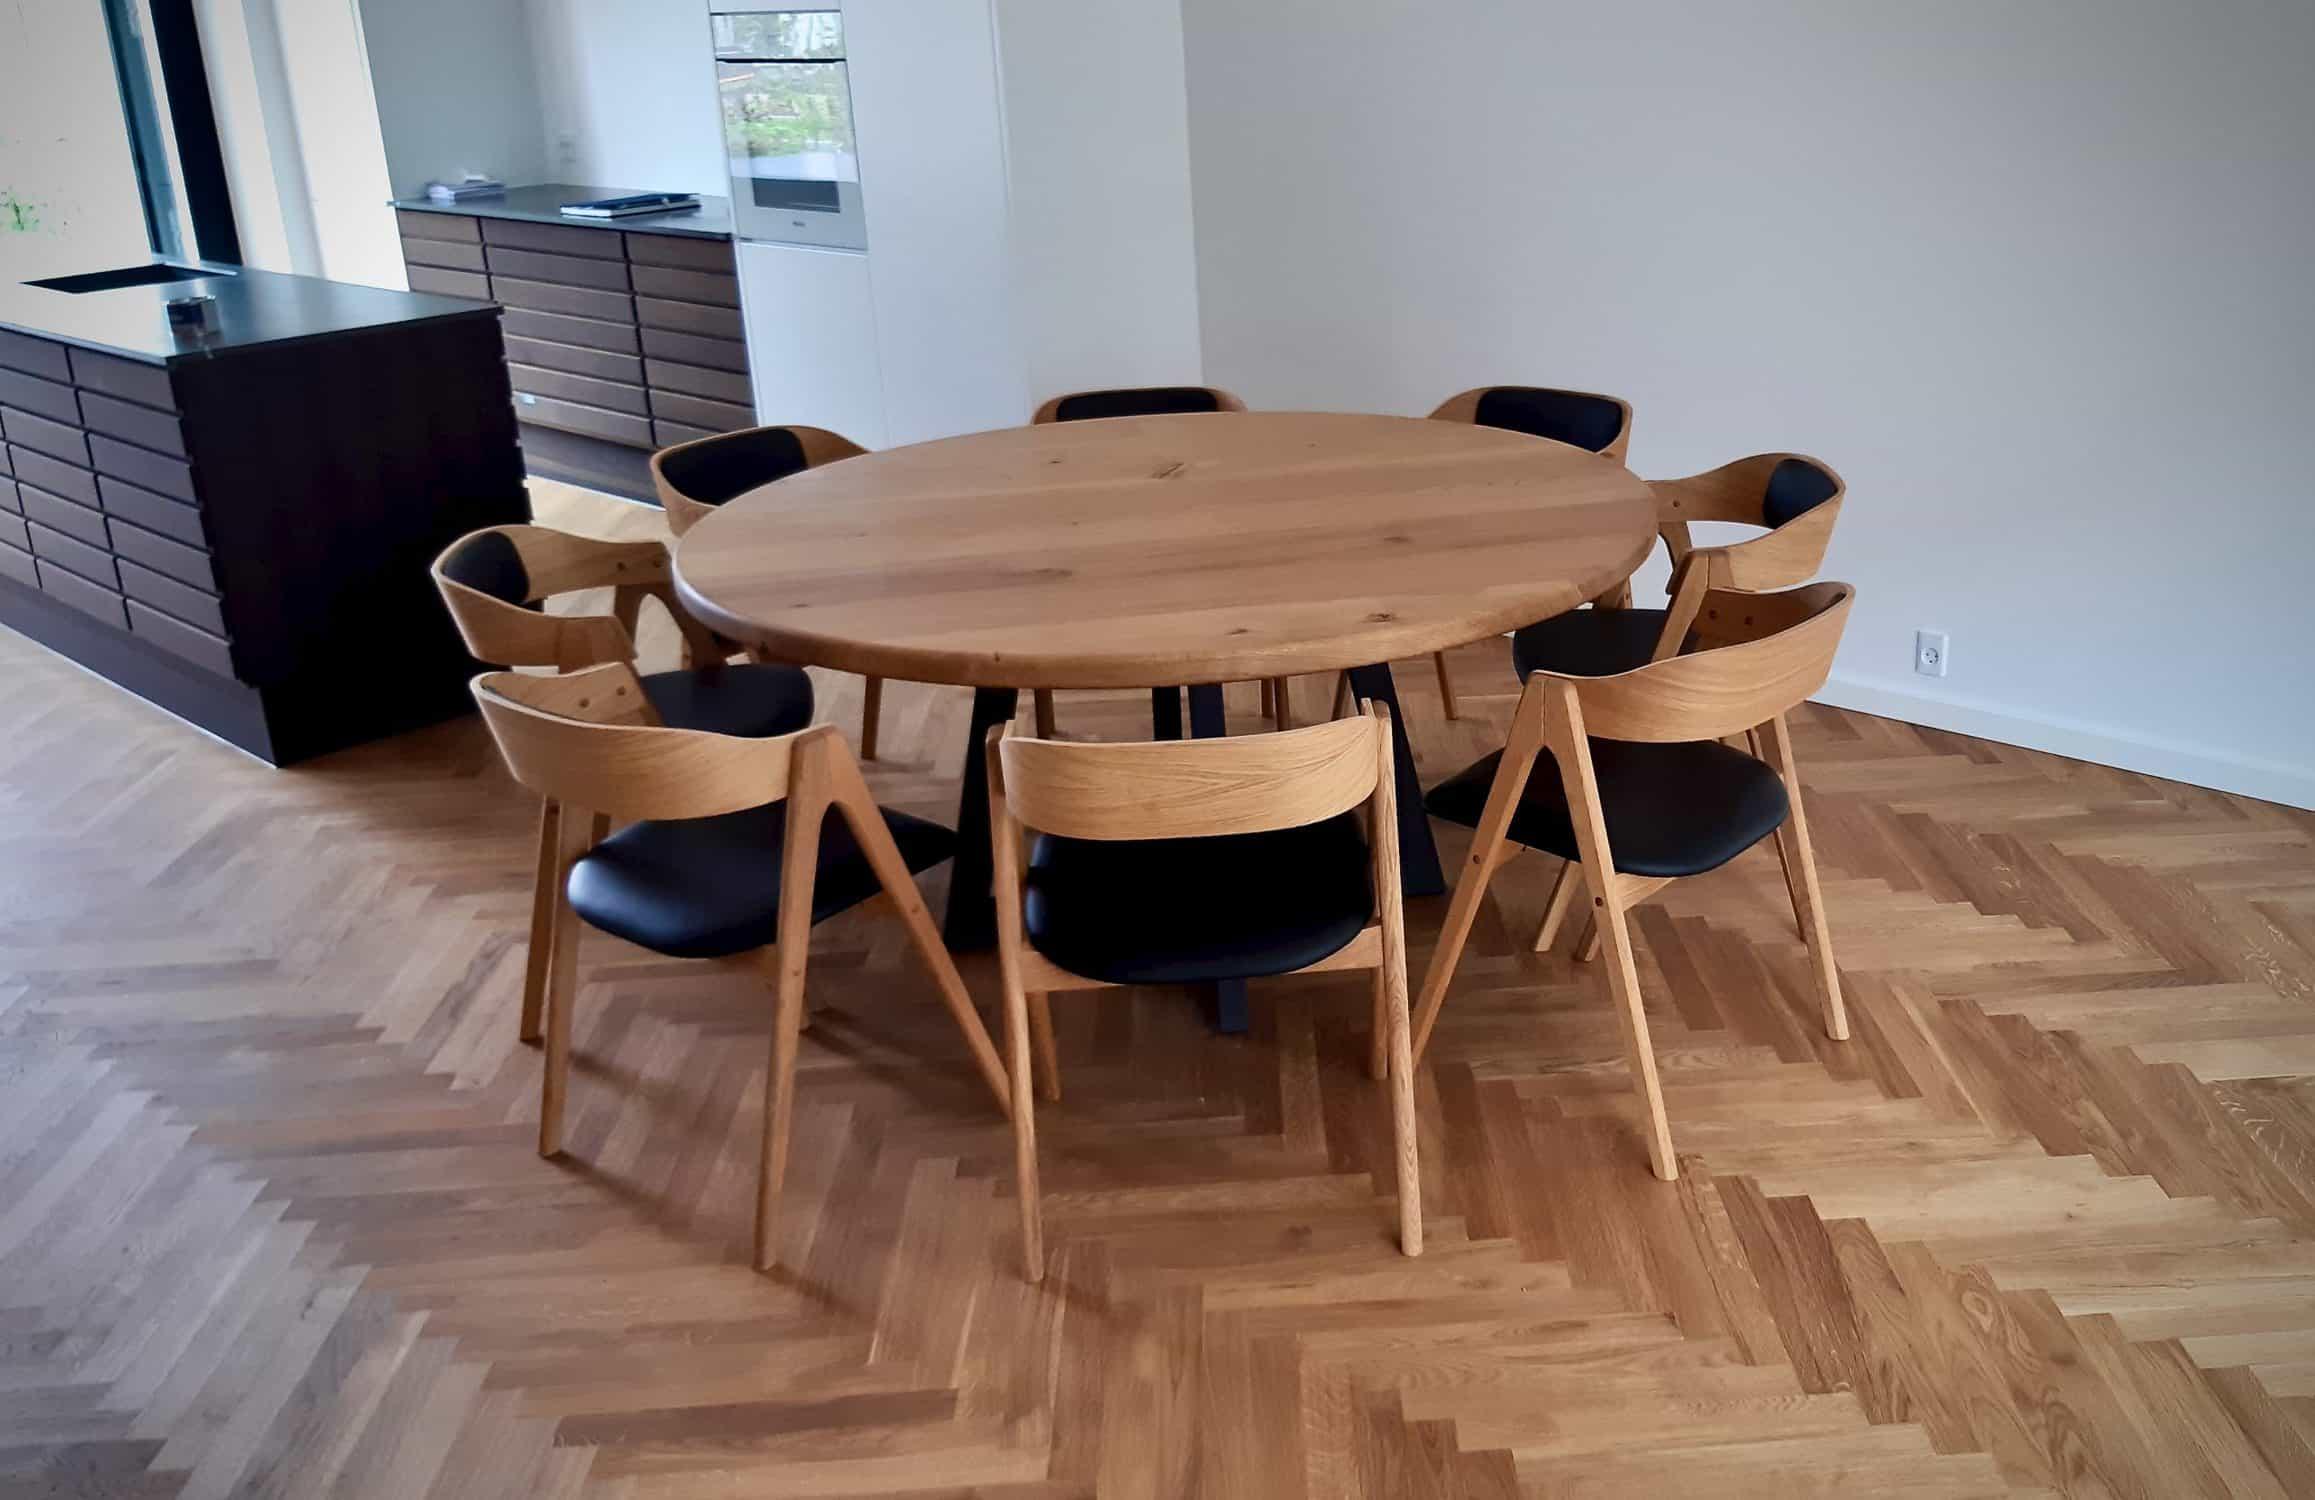 rundtbord rundbord ovalt bord bord i trae traebord traemobler kaerbygaard kaerbygård august 2020 3 scaled